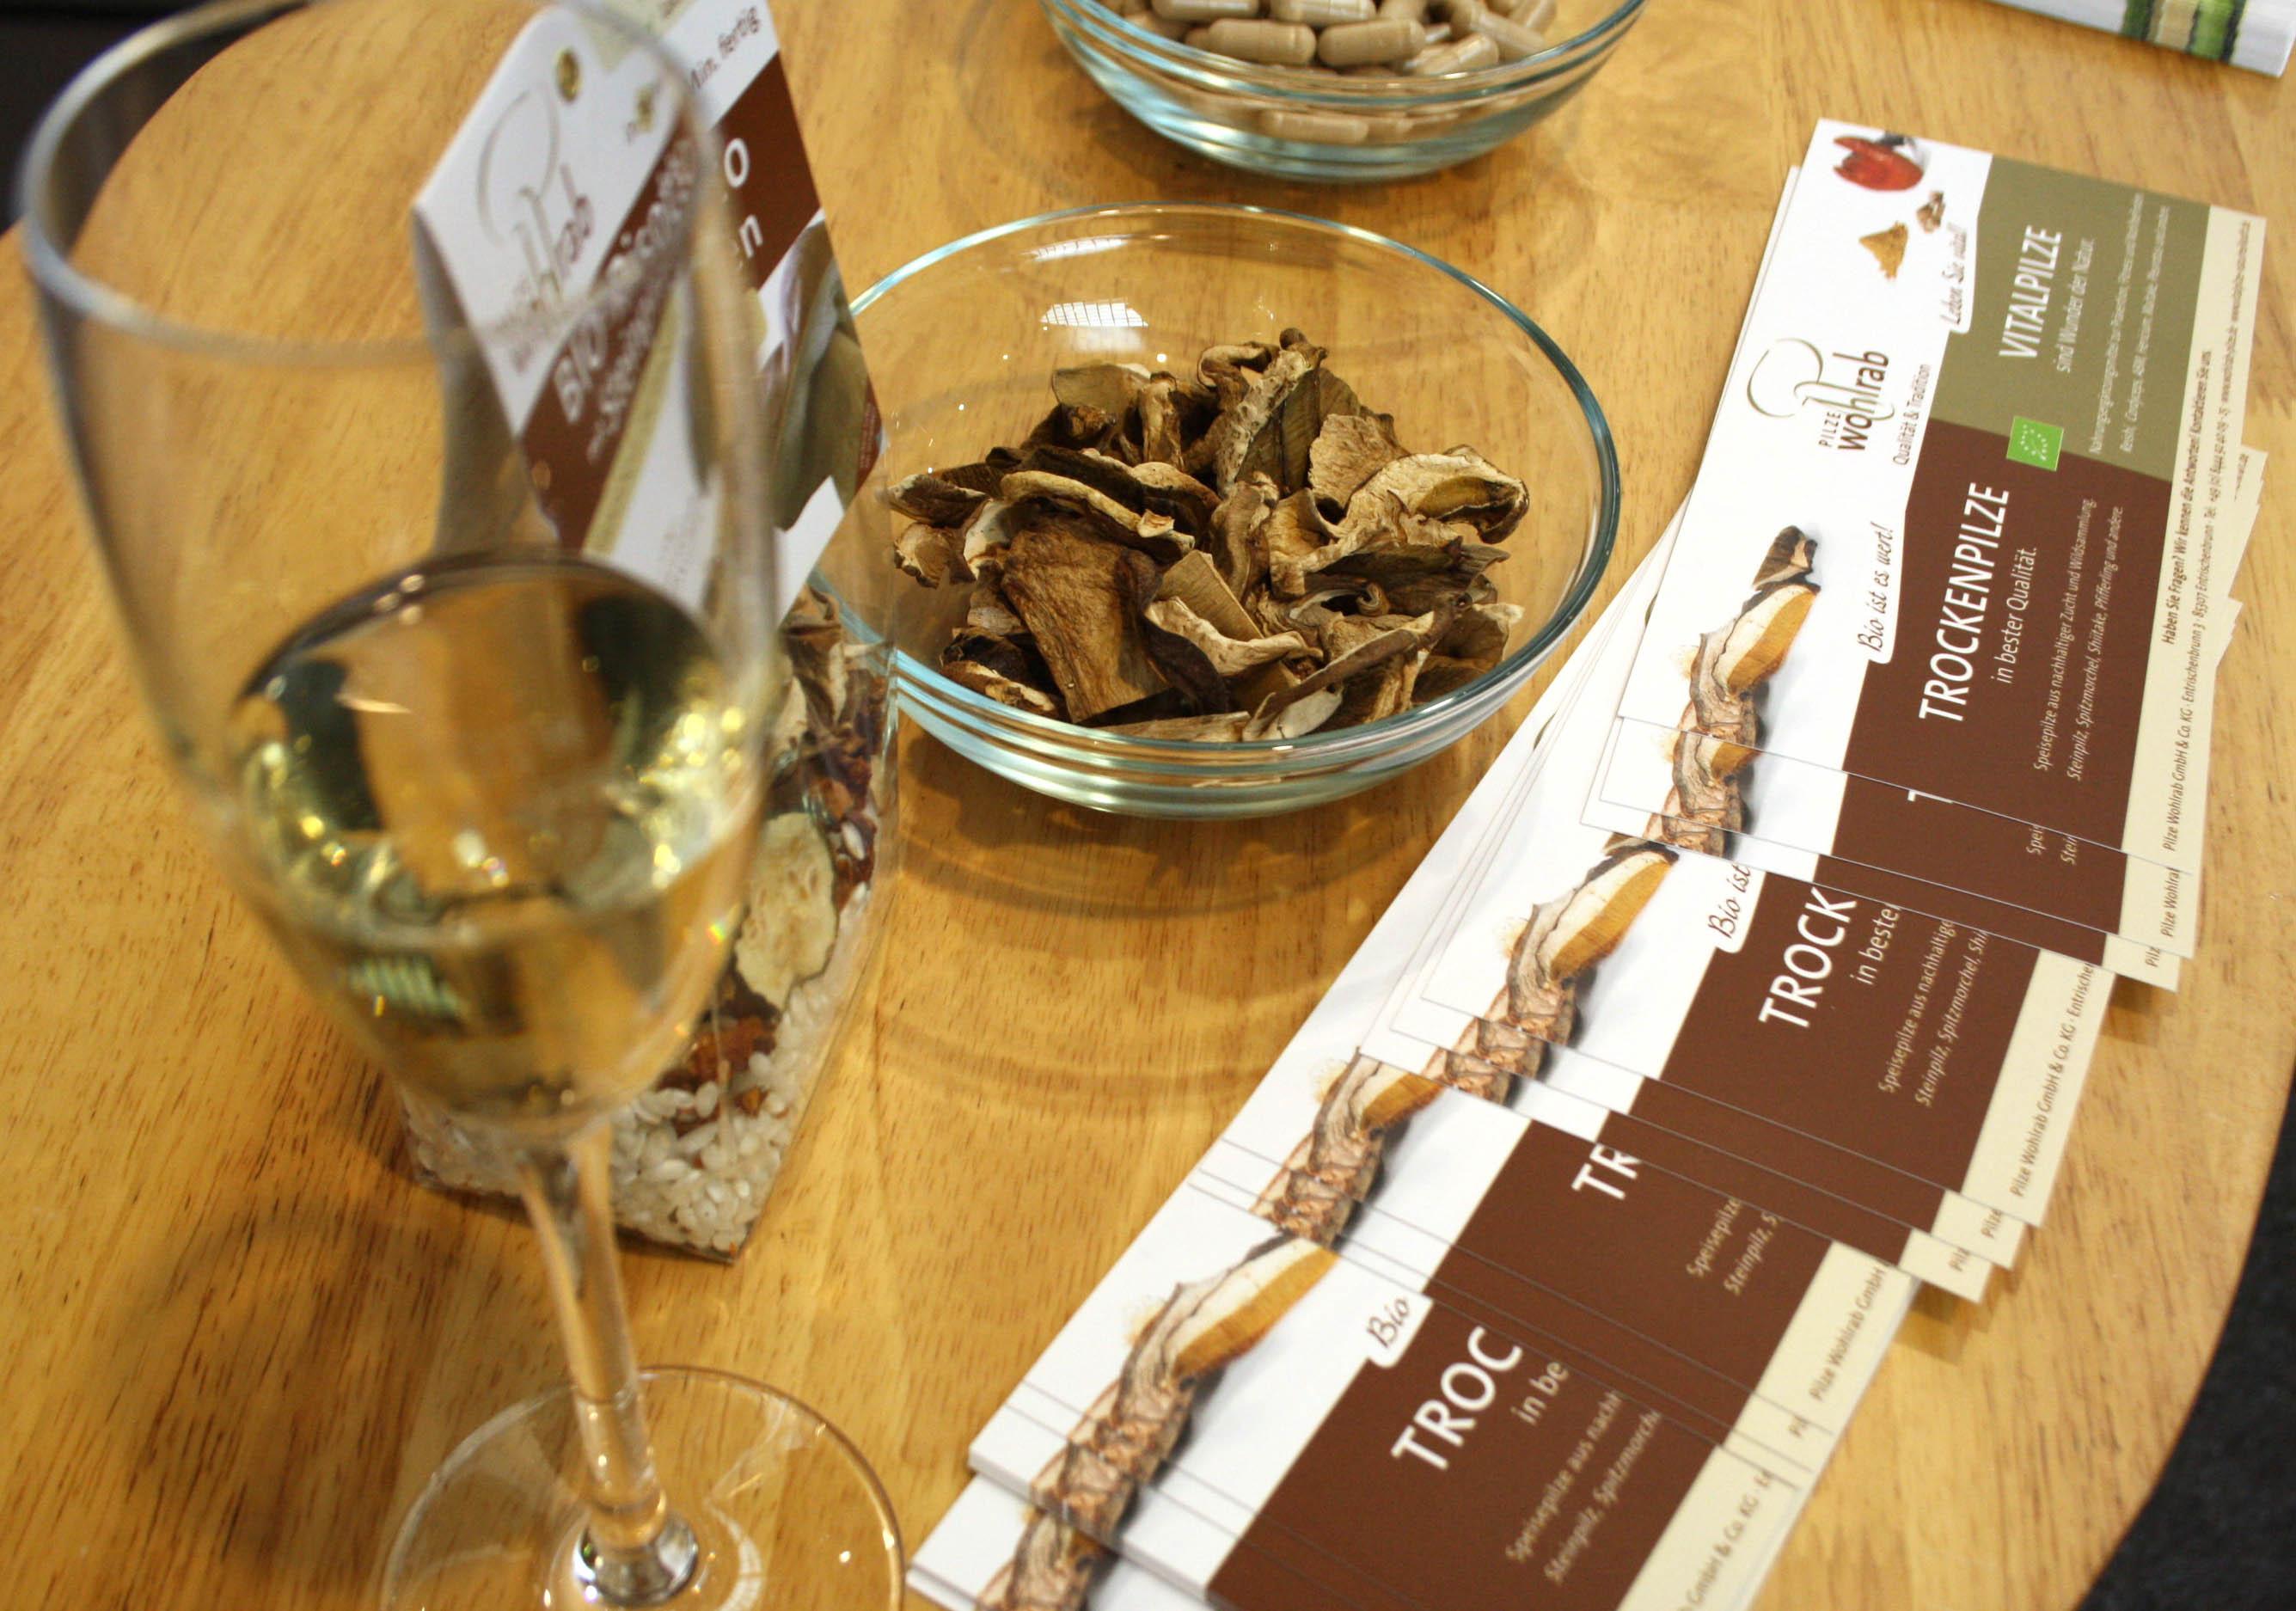 Pilze Wohlrab auf der Bodan Hausmesse